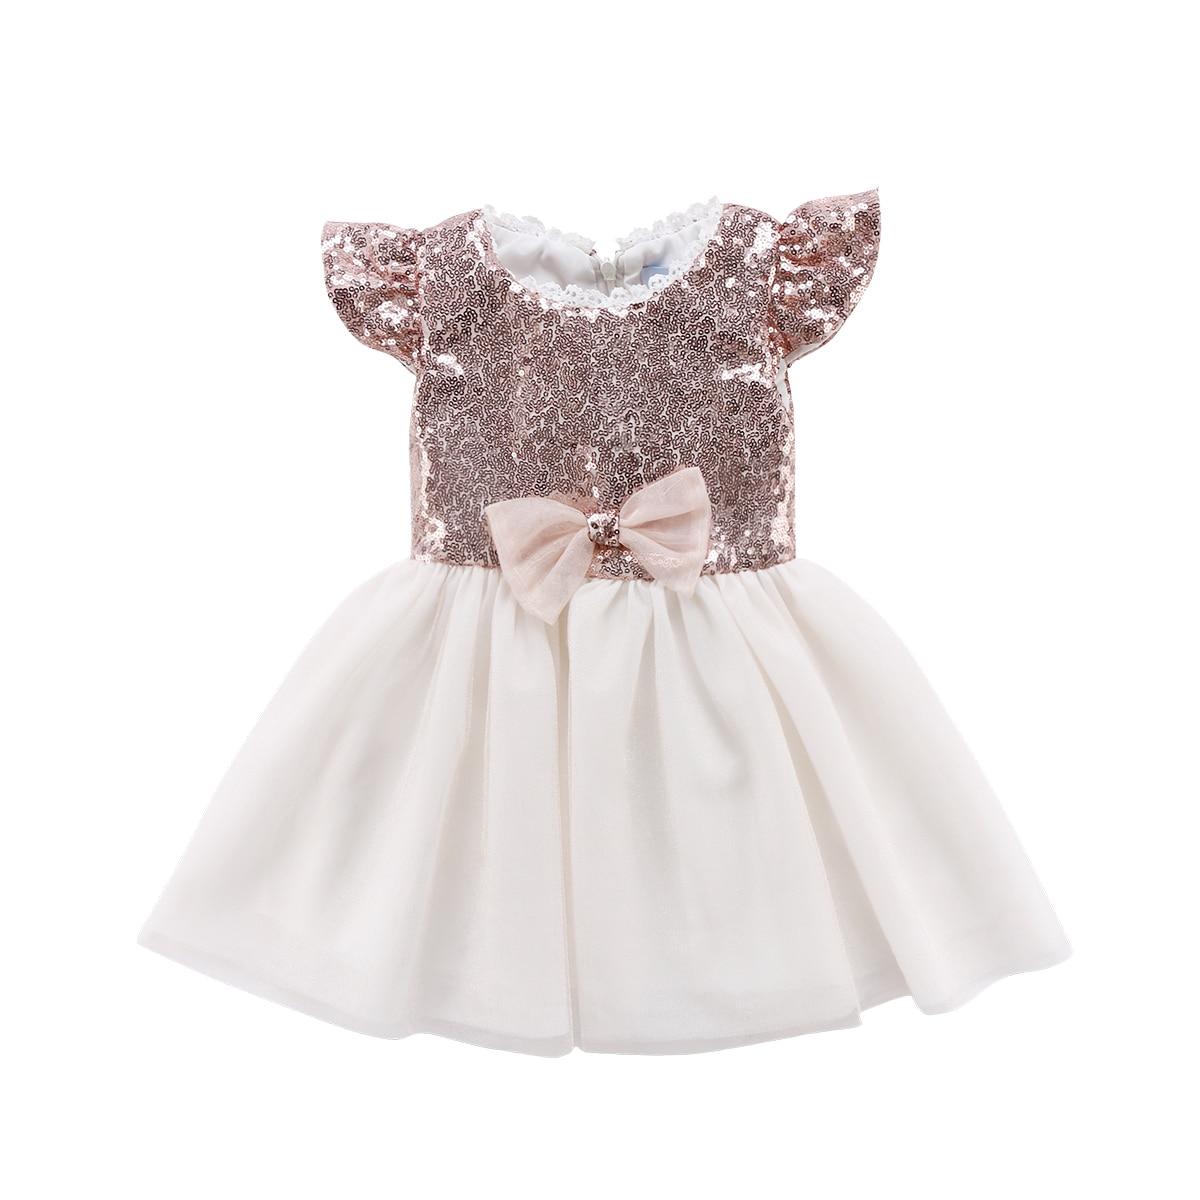 Для малышей Детская одежда для девочек праздничное платье принцессы Тюль Блестки Луки Pageant пачка кружева светло-розовый платья От 1 до 6 лет